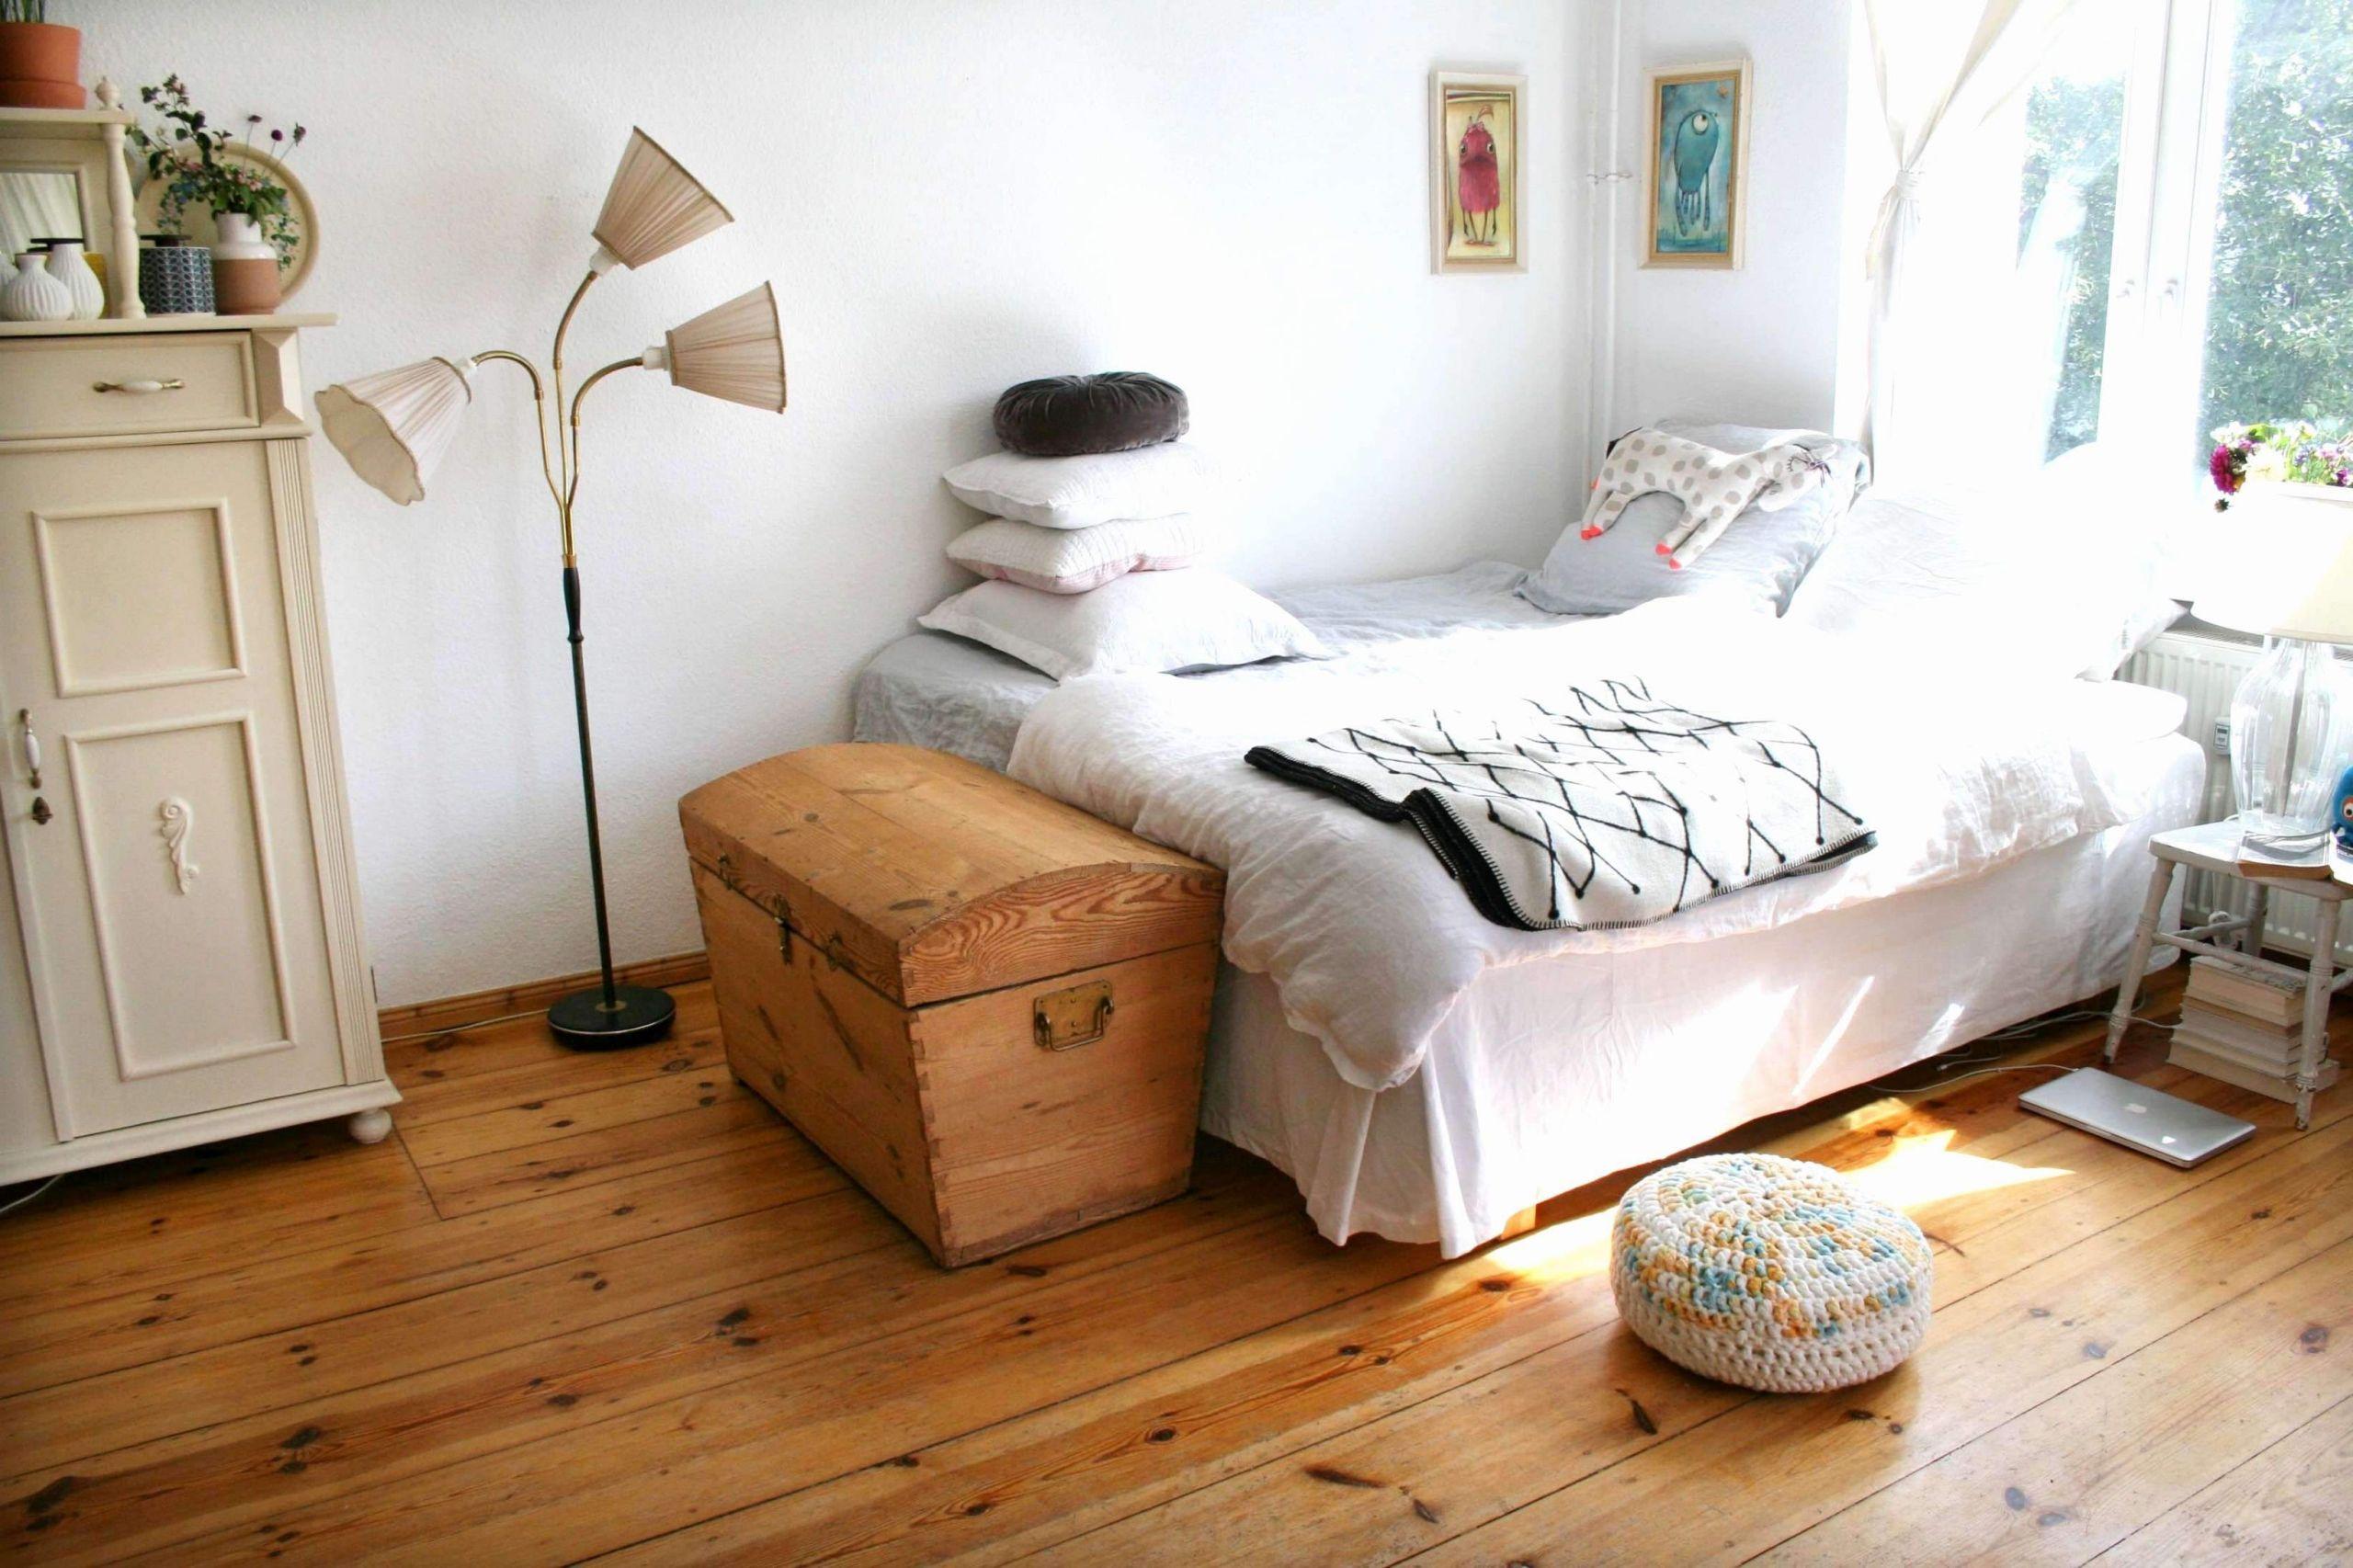 diy wohnzimmer inspirierend designer tisch wohnzimmer inspirierend luxury wohnzimmer of diy wohnzimmer scaled